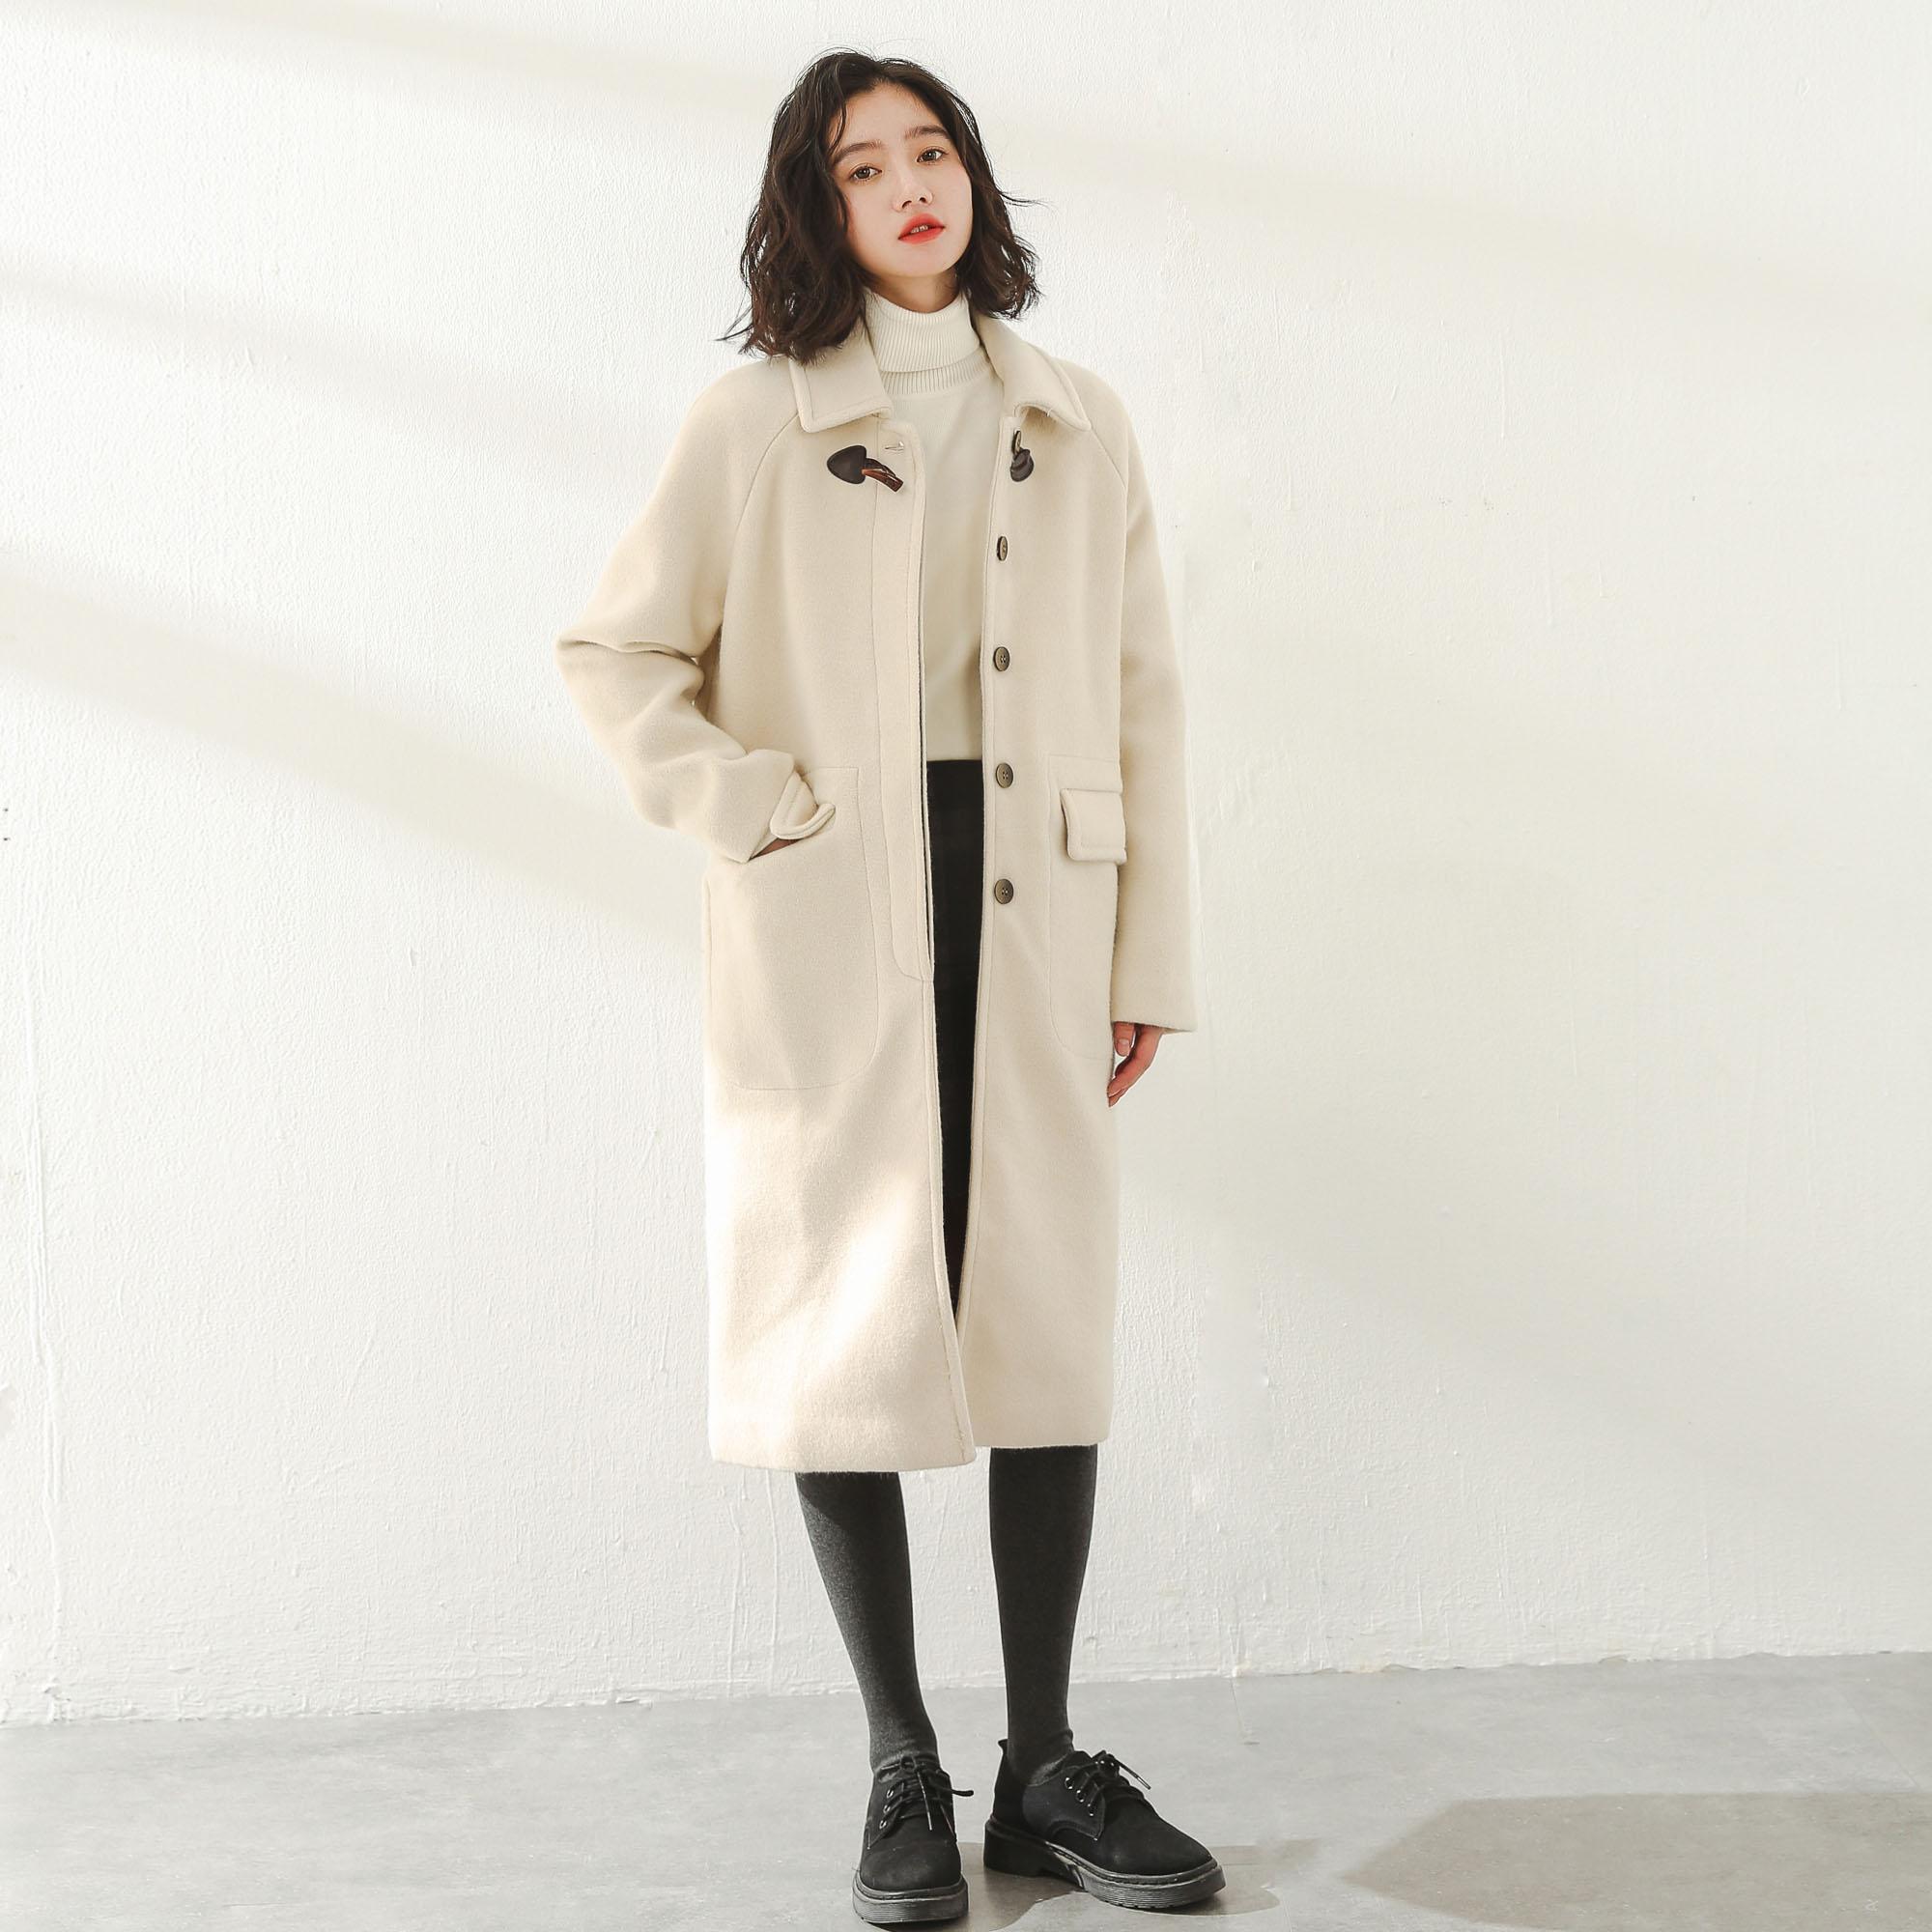 2019秋冬季流行新款韩版气质呢子赫本风加厚中长款大衣毛呢外套女